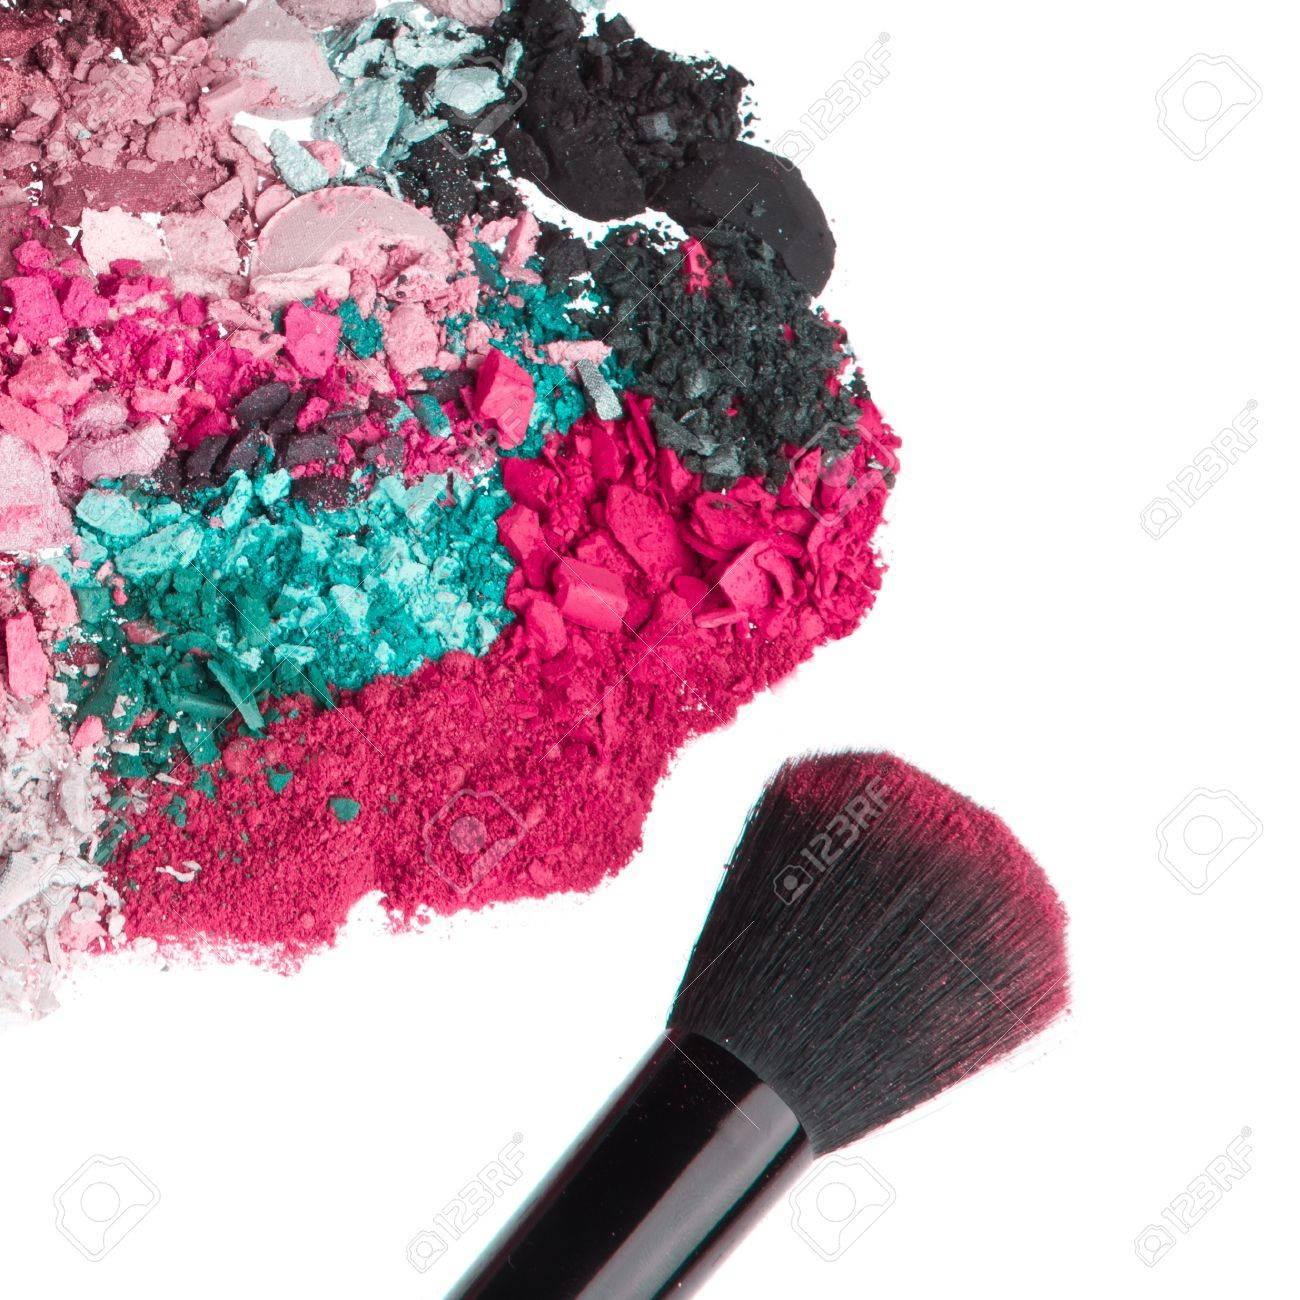 crushed eyeshadows with brush isolated on white background Stock Photo - 12306681